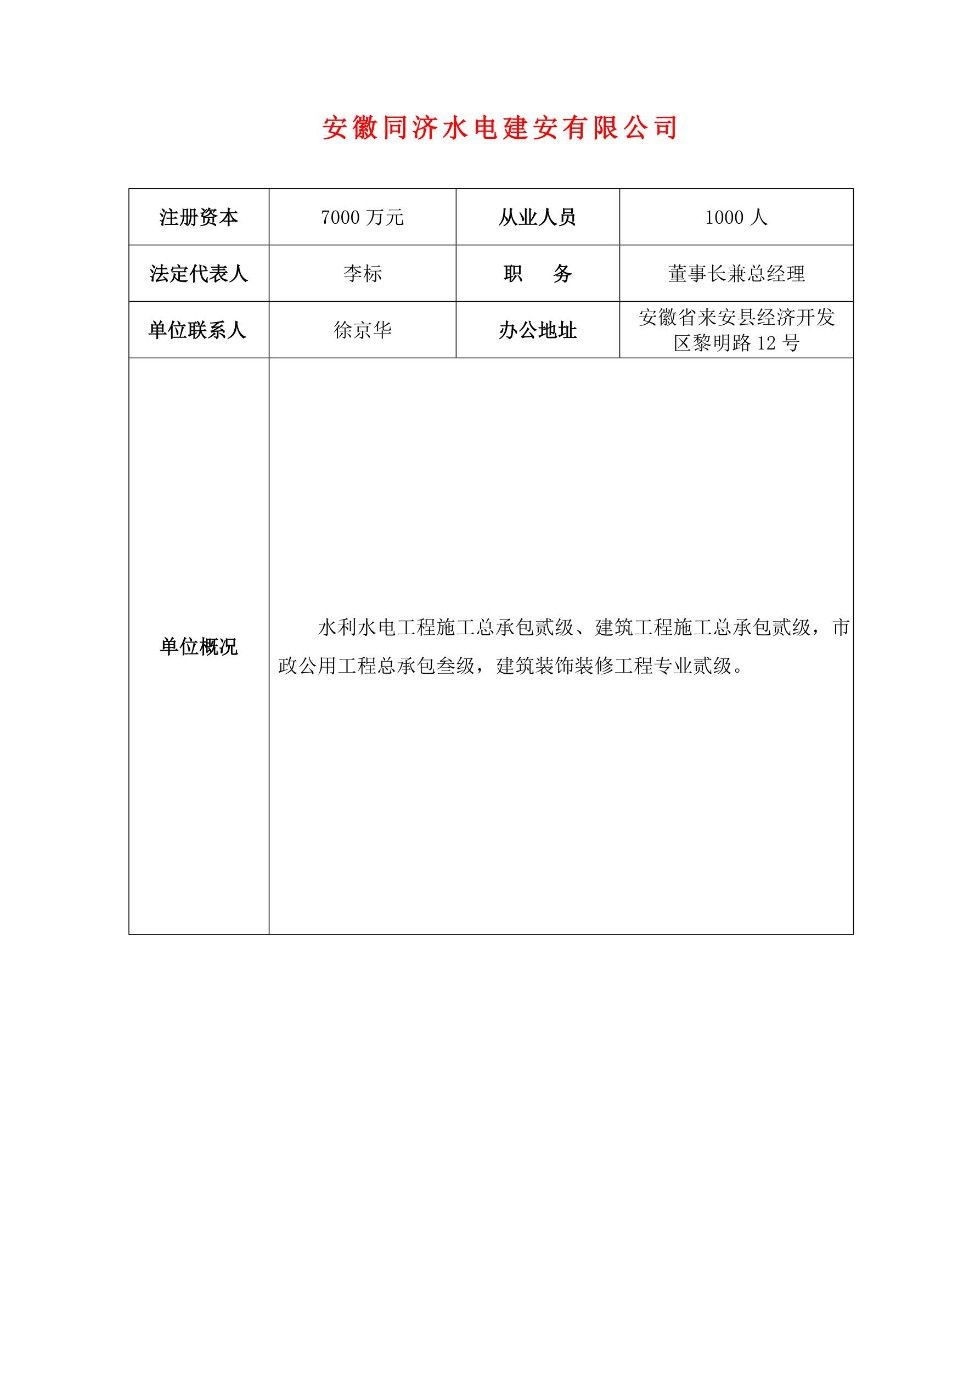 68-安徽同济水电建安有限公司_1.jpg